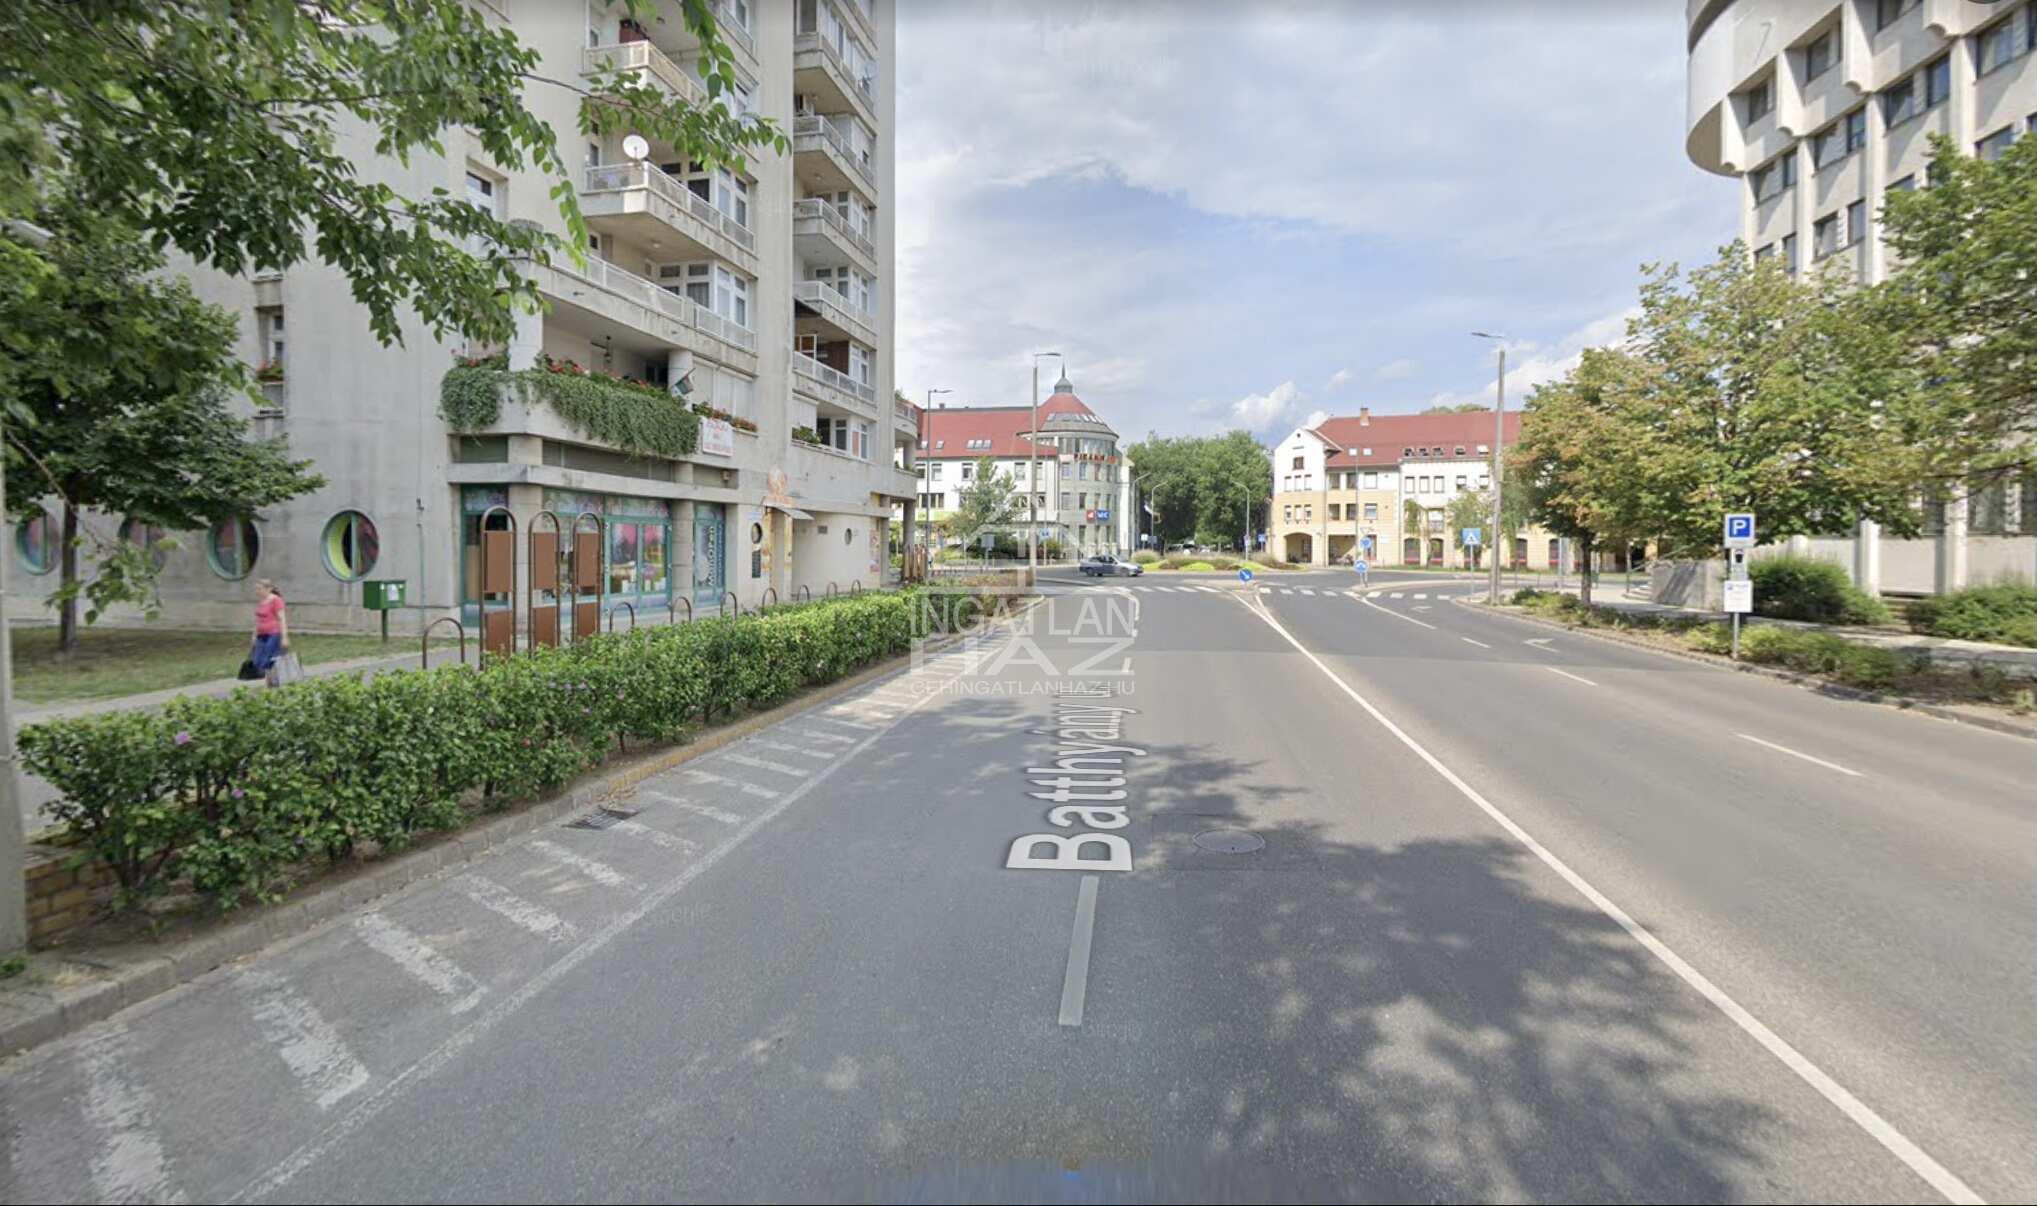 Kecskemét, Batthyány utca, 350m2 , utcai, kirakatos,üzlethelyiség kiadò